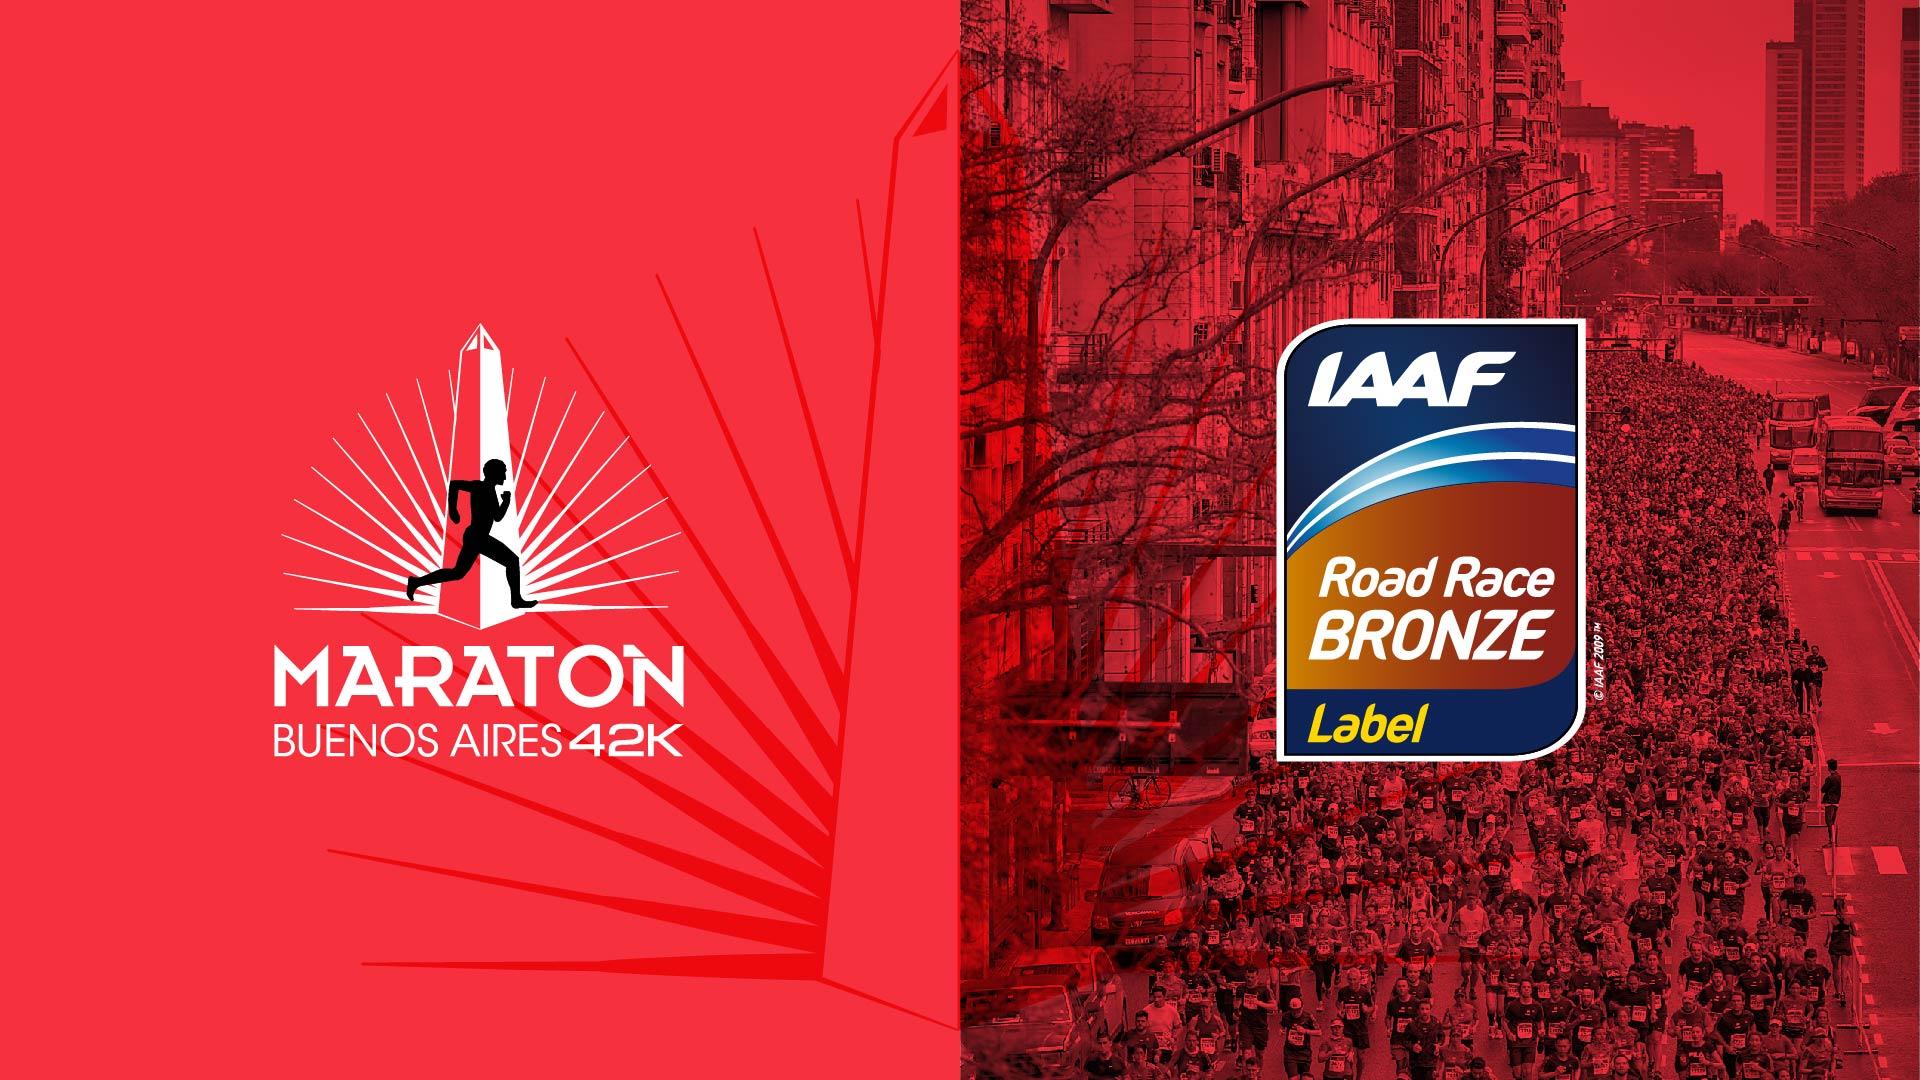 La IAAF distingue al Maratón de Buenos Aires 3